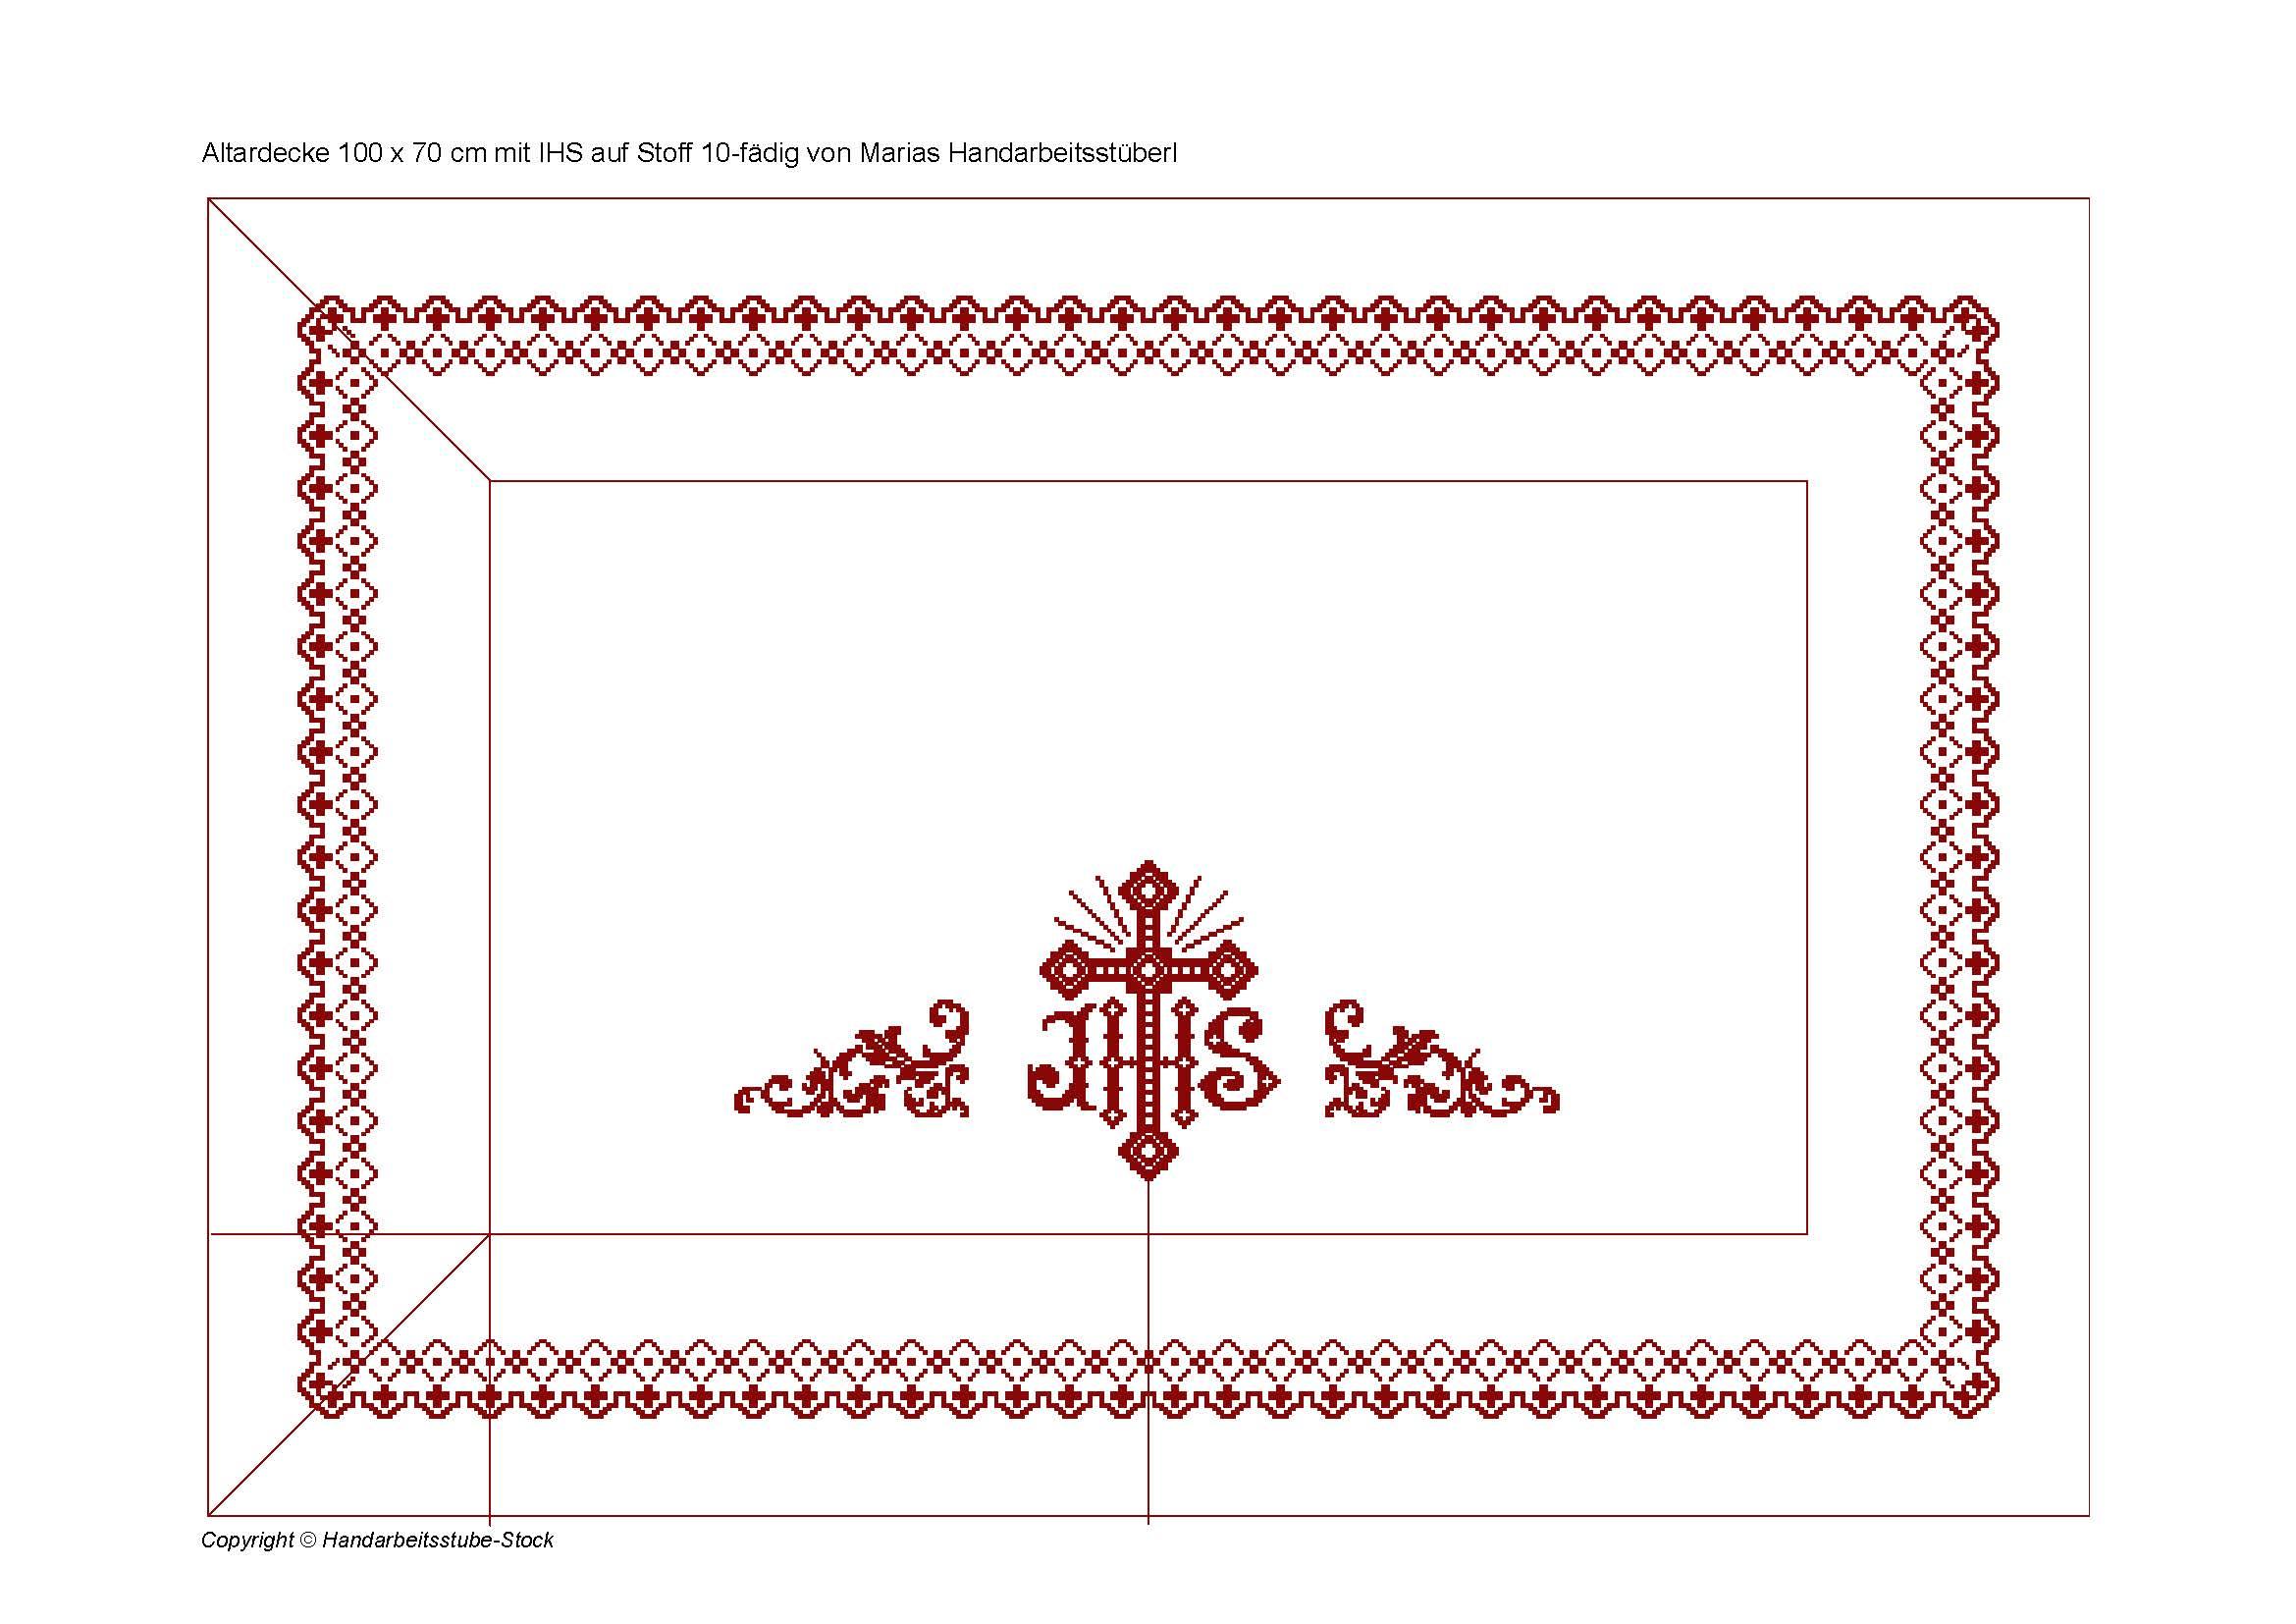 Altartuch - Mit rundum Bordüre